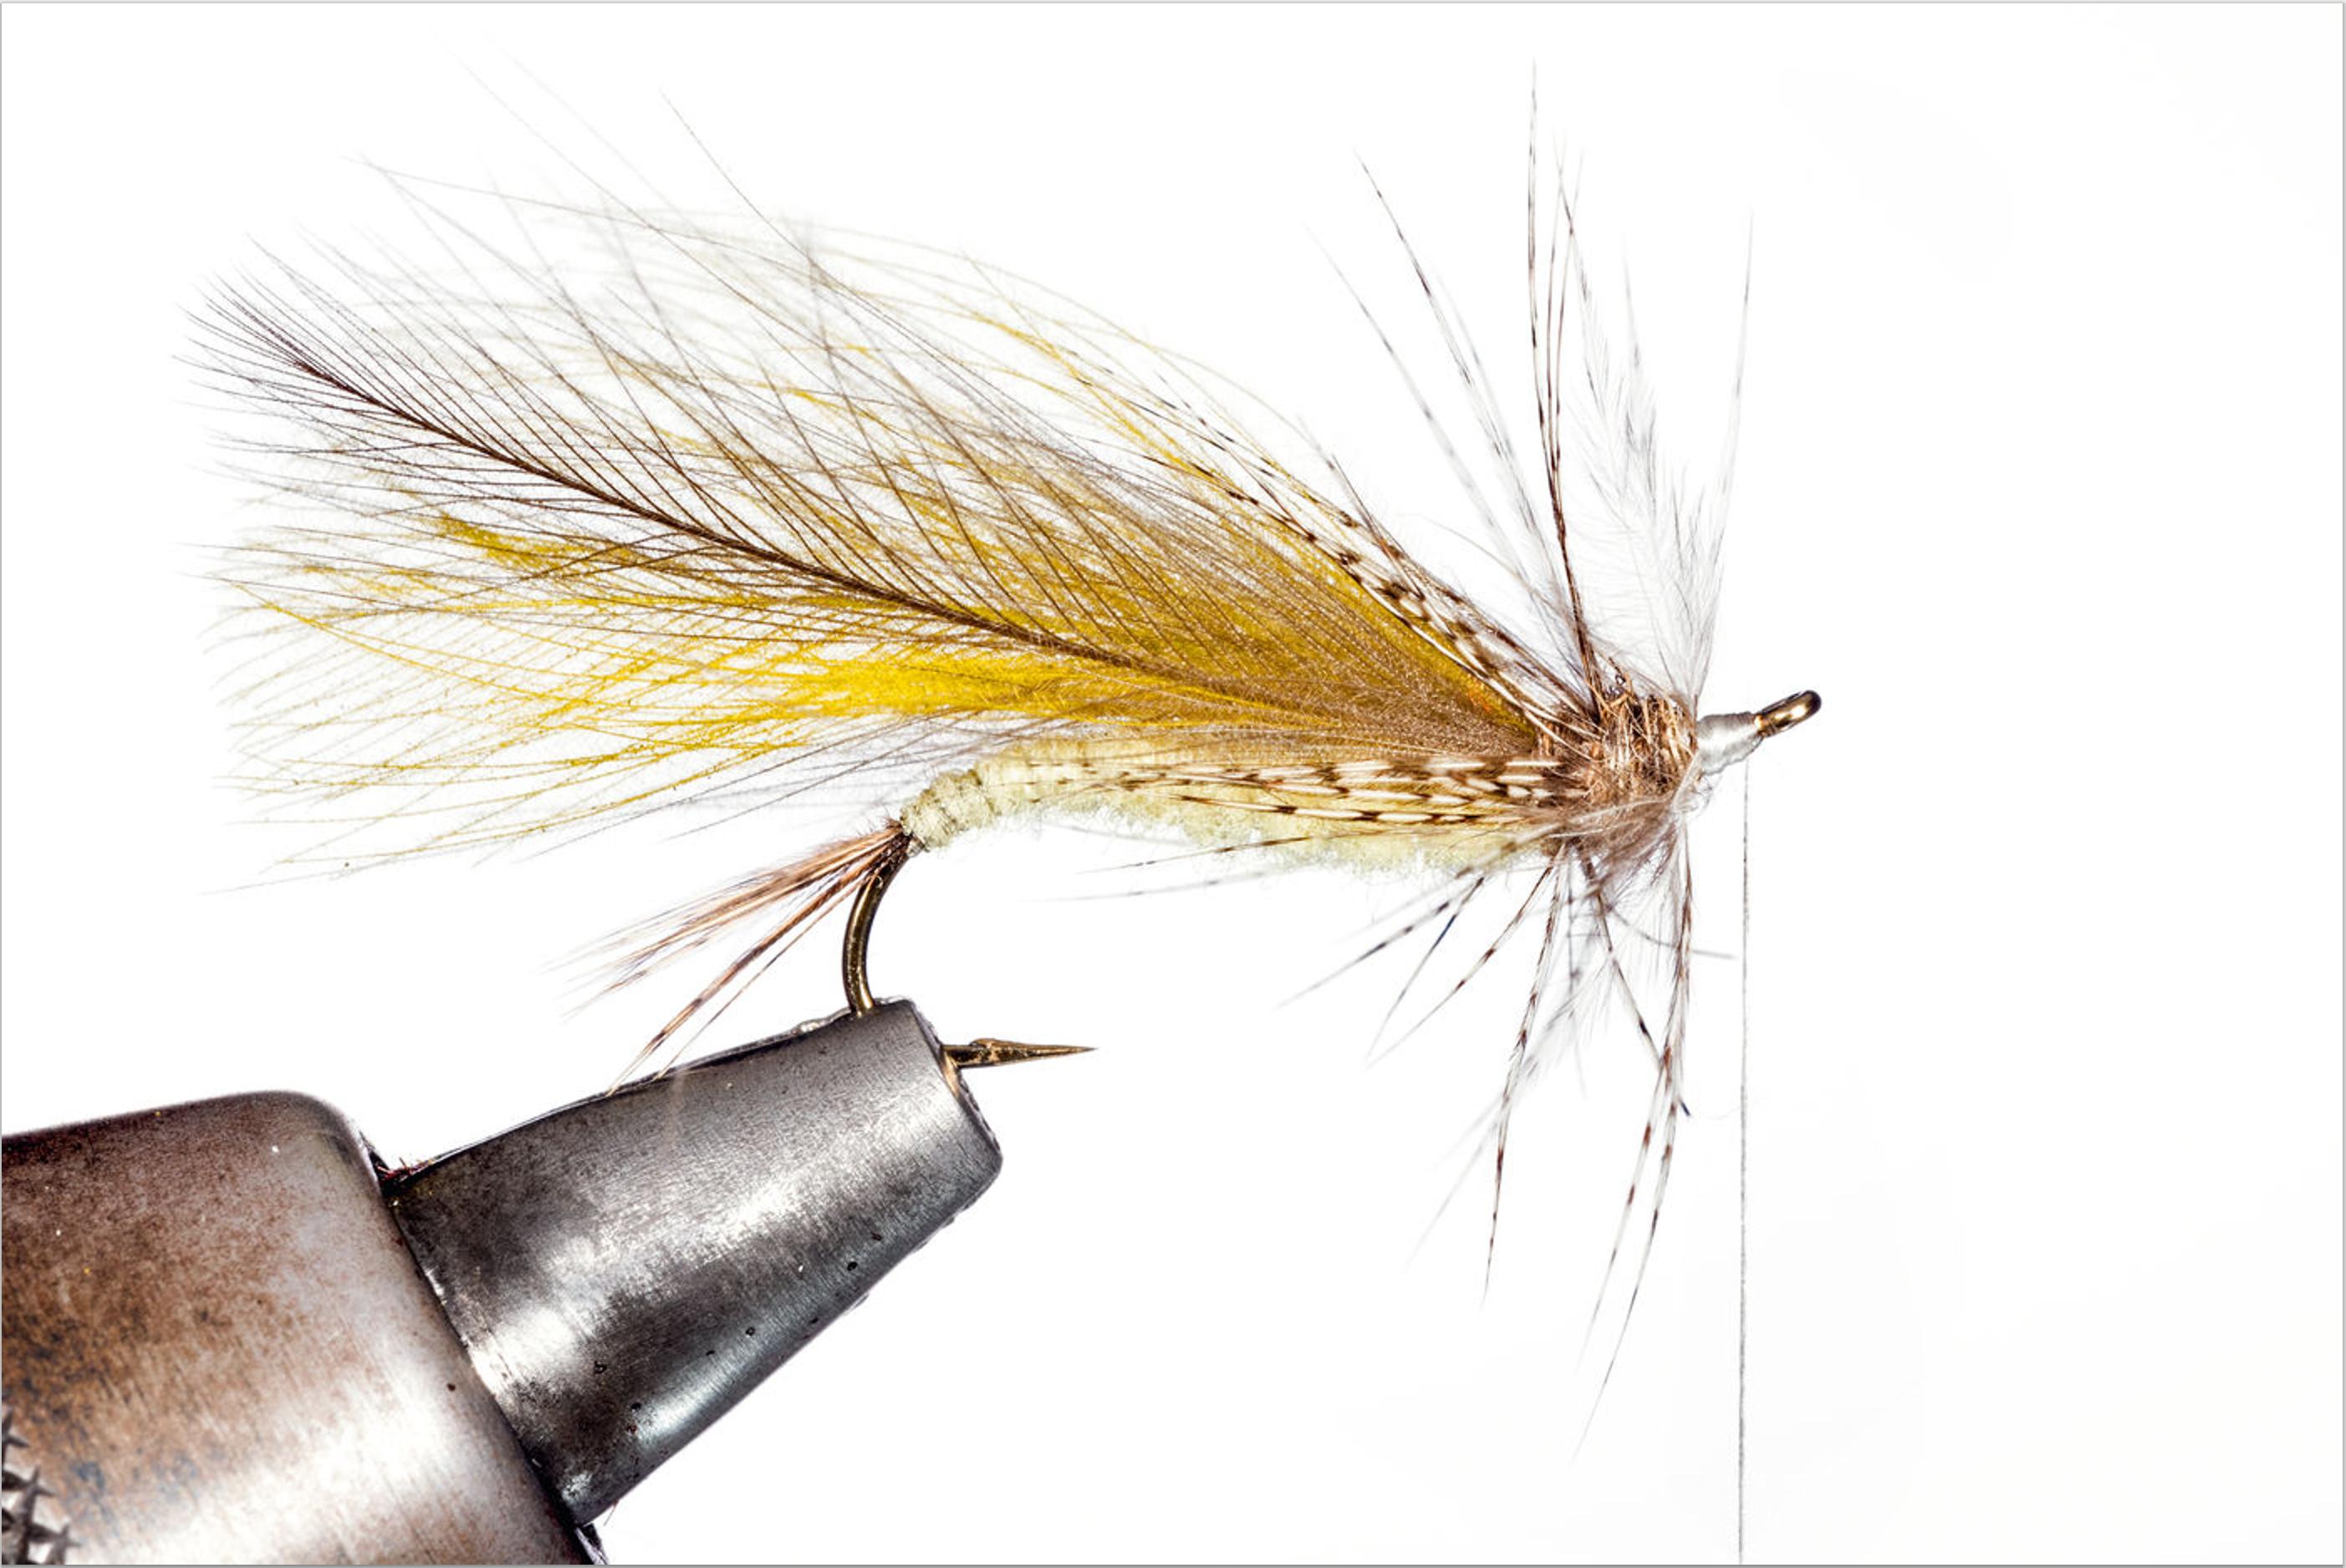 Spinnen Sie etwas Dubbing um den Faden und formen Sie damit einen schlanken Thoraxbereich. Winden Sie im Anschluss die Rebhuhnfeder um den Thorax der Fliege. Sichern Sie die Hechel mit dem Faden und schneiden Sie den Rest ab.